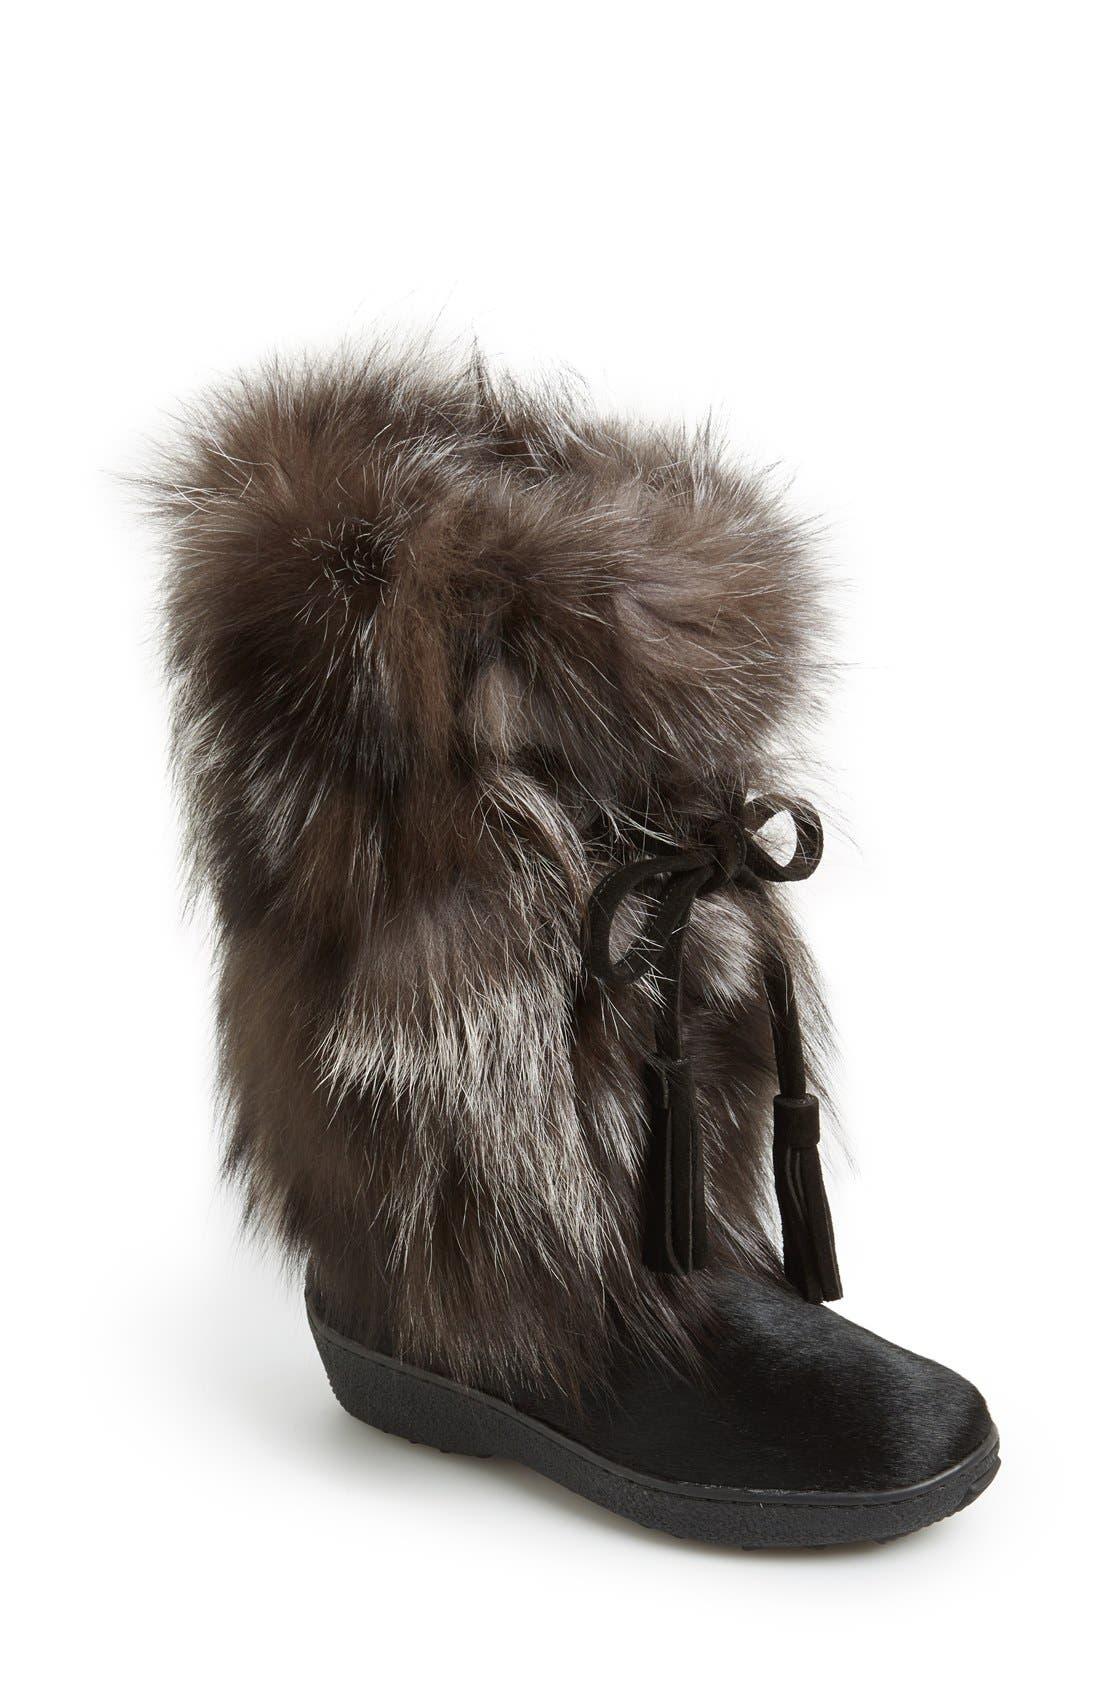 'Fox Trot' Genuine Fox Fur & Calf Hair Boot,                             Main thumbnail 1, color,                             001